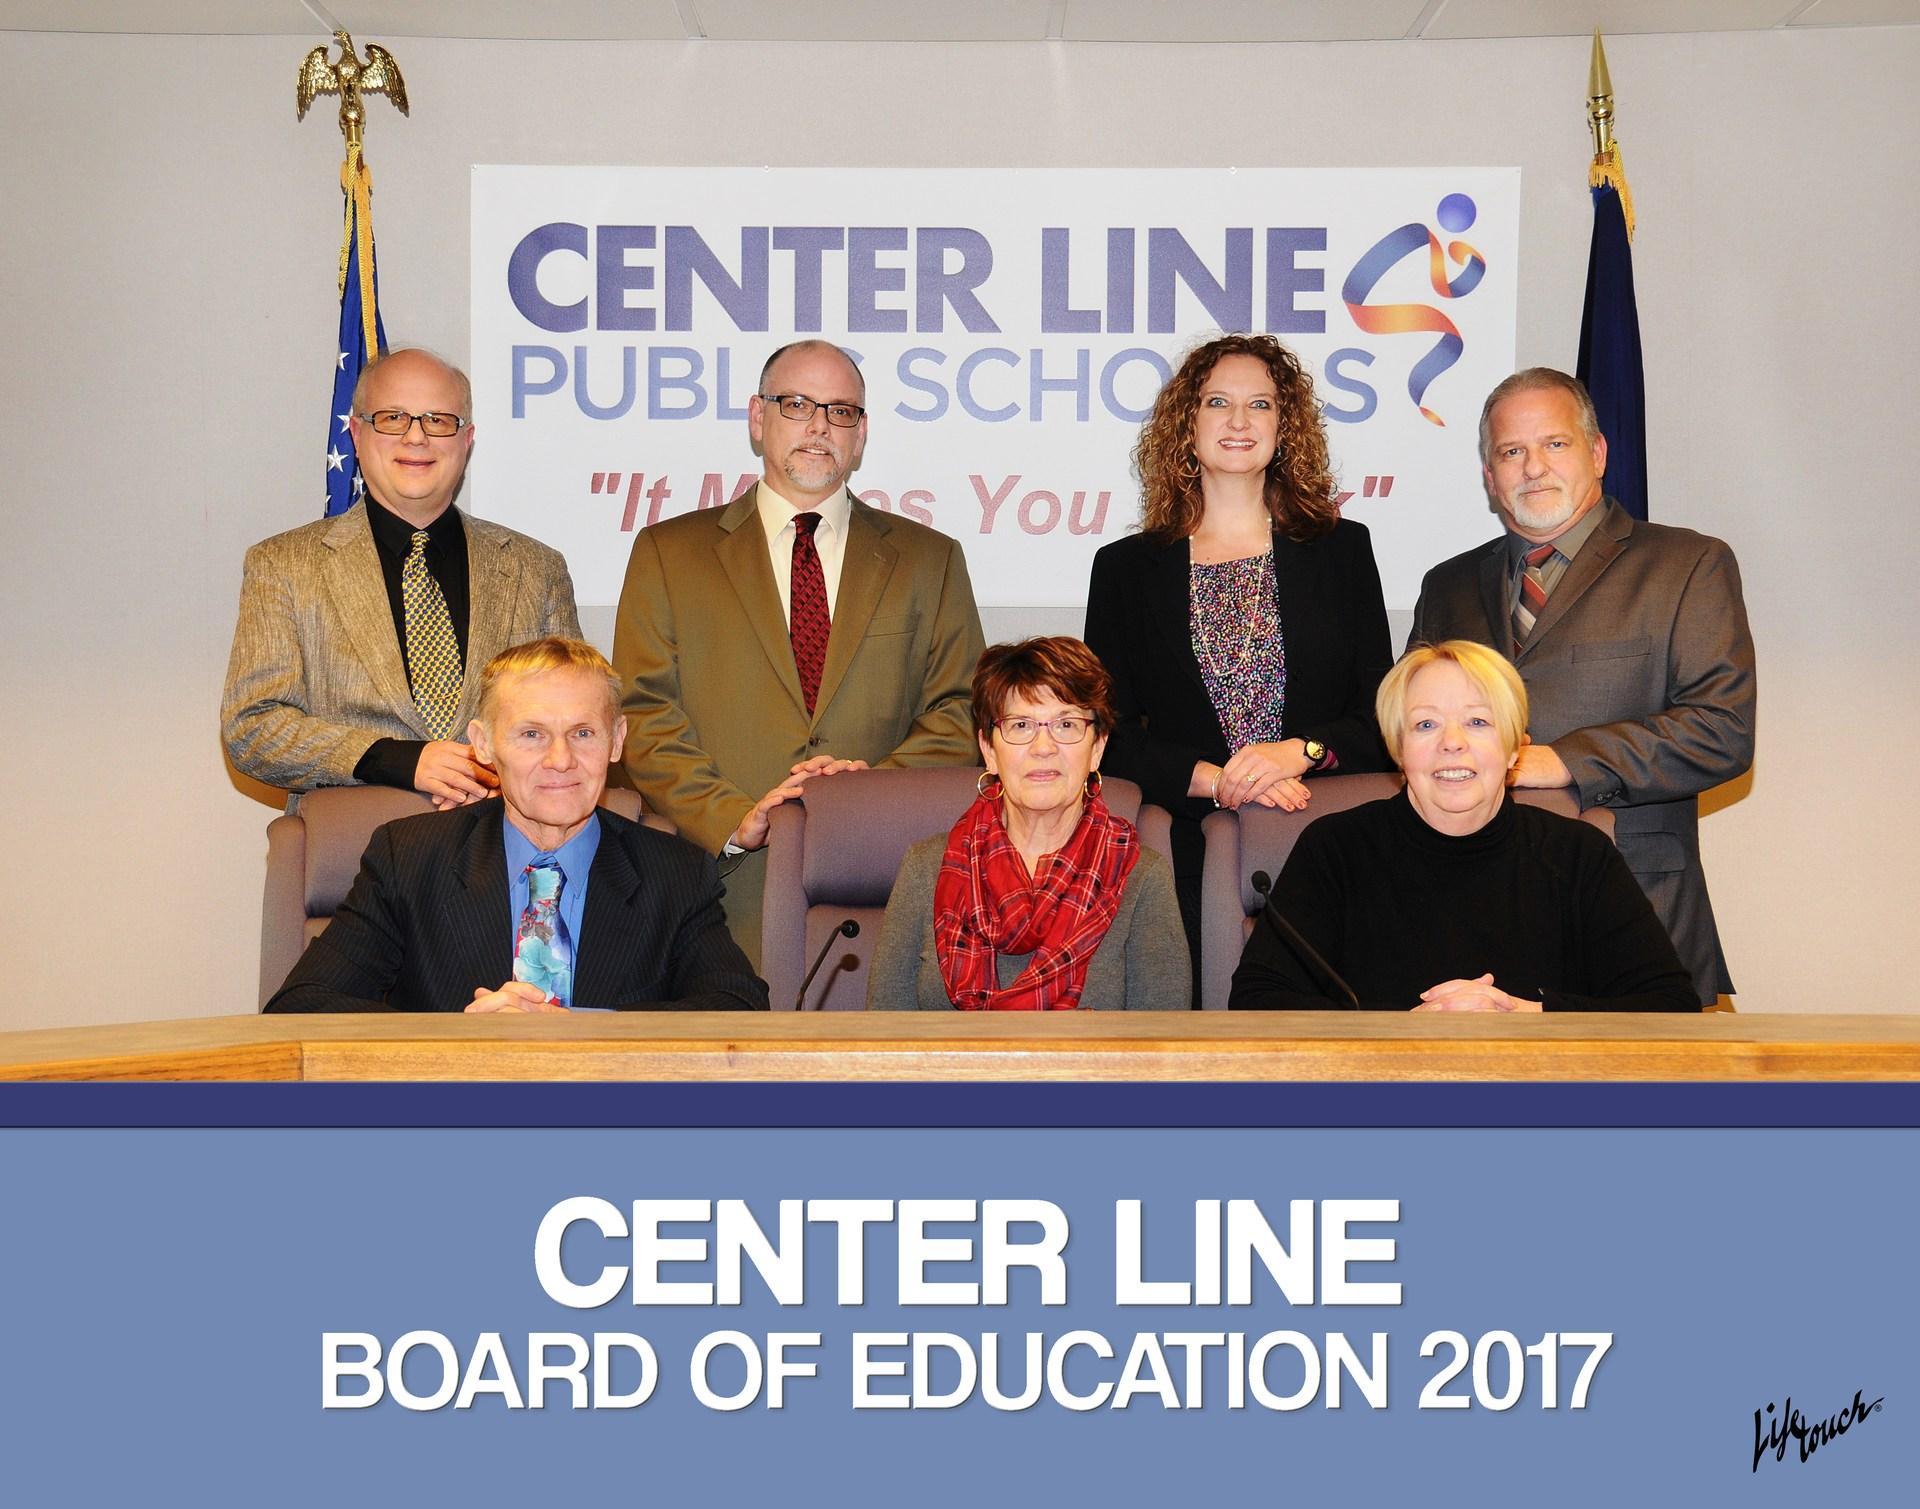 Board of Education 2017